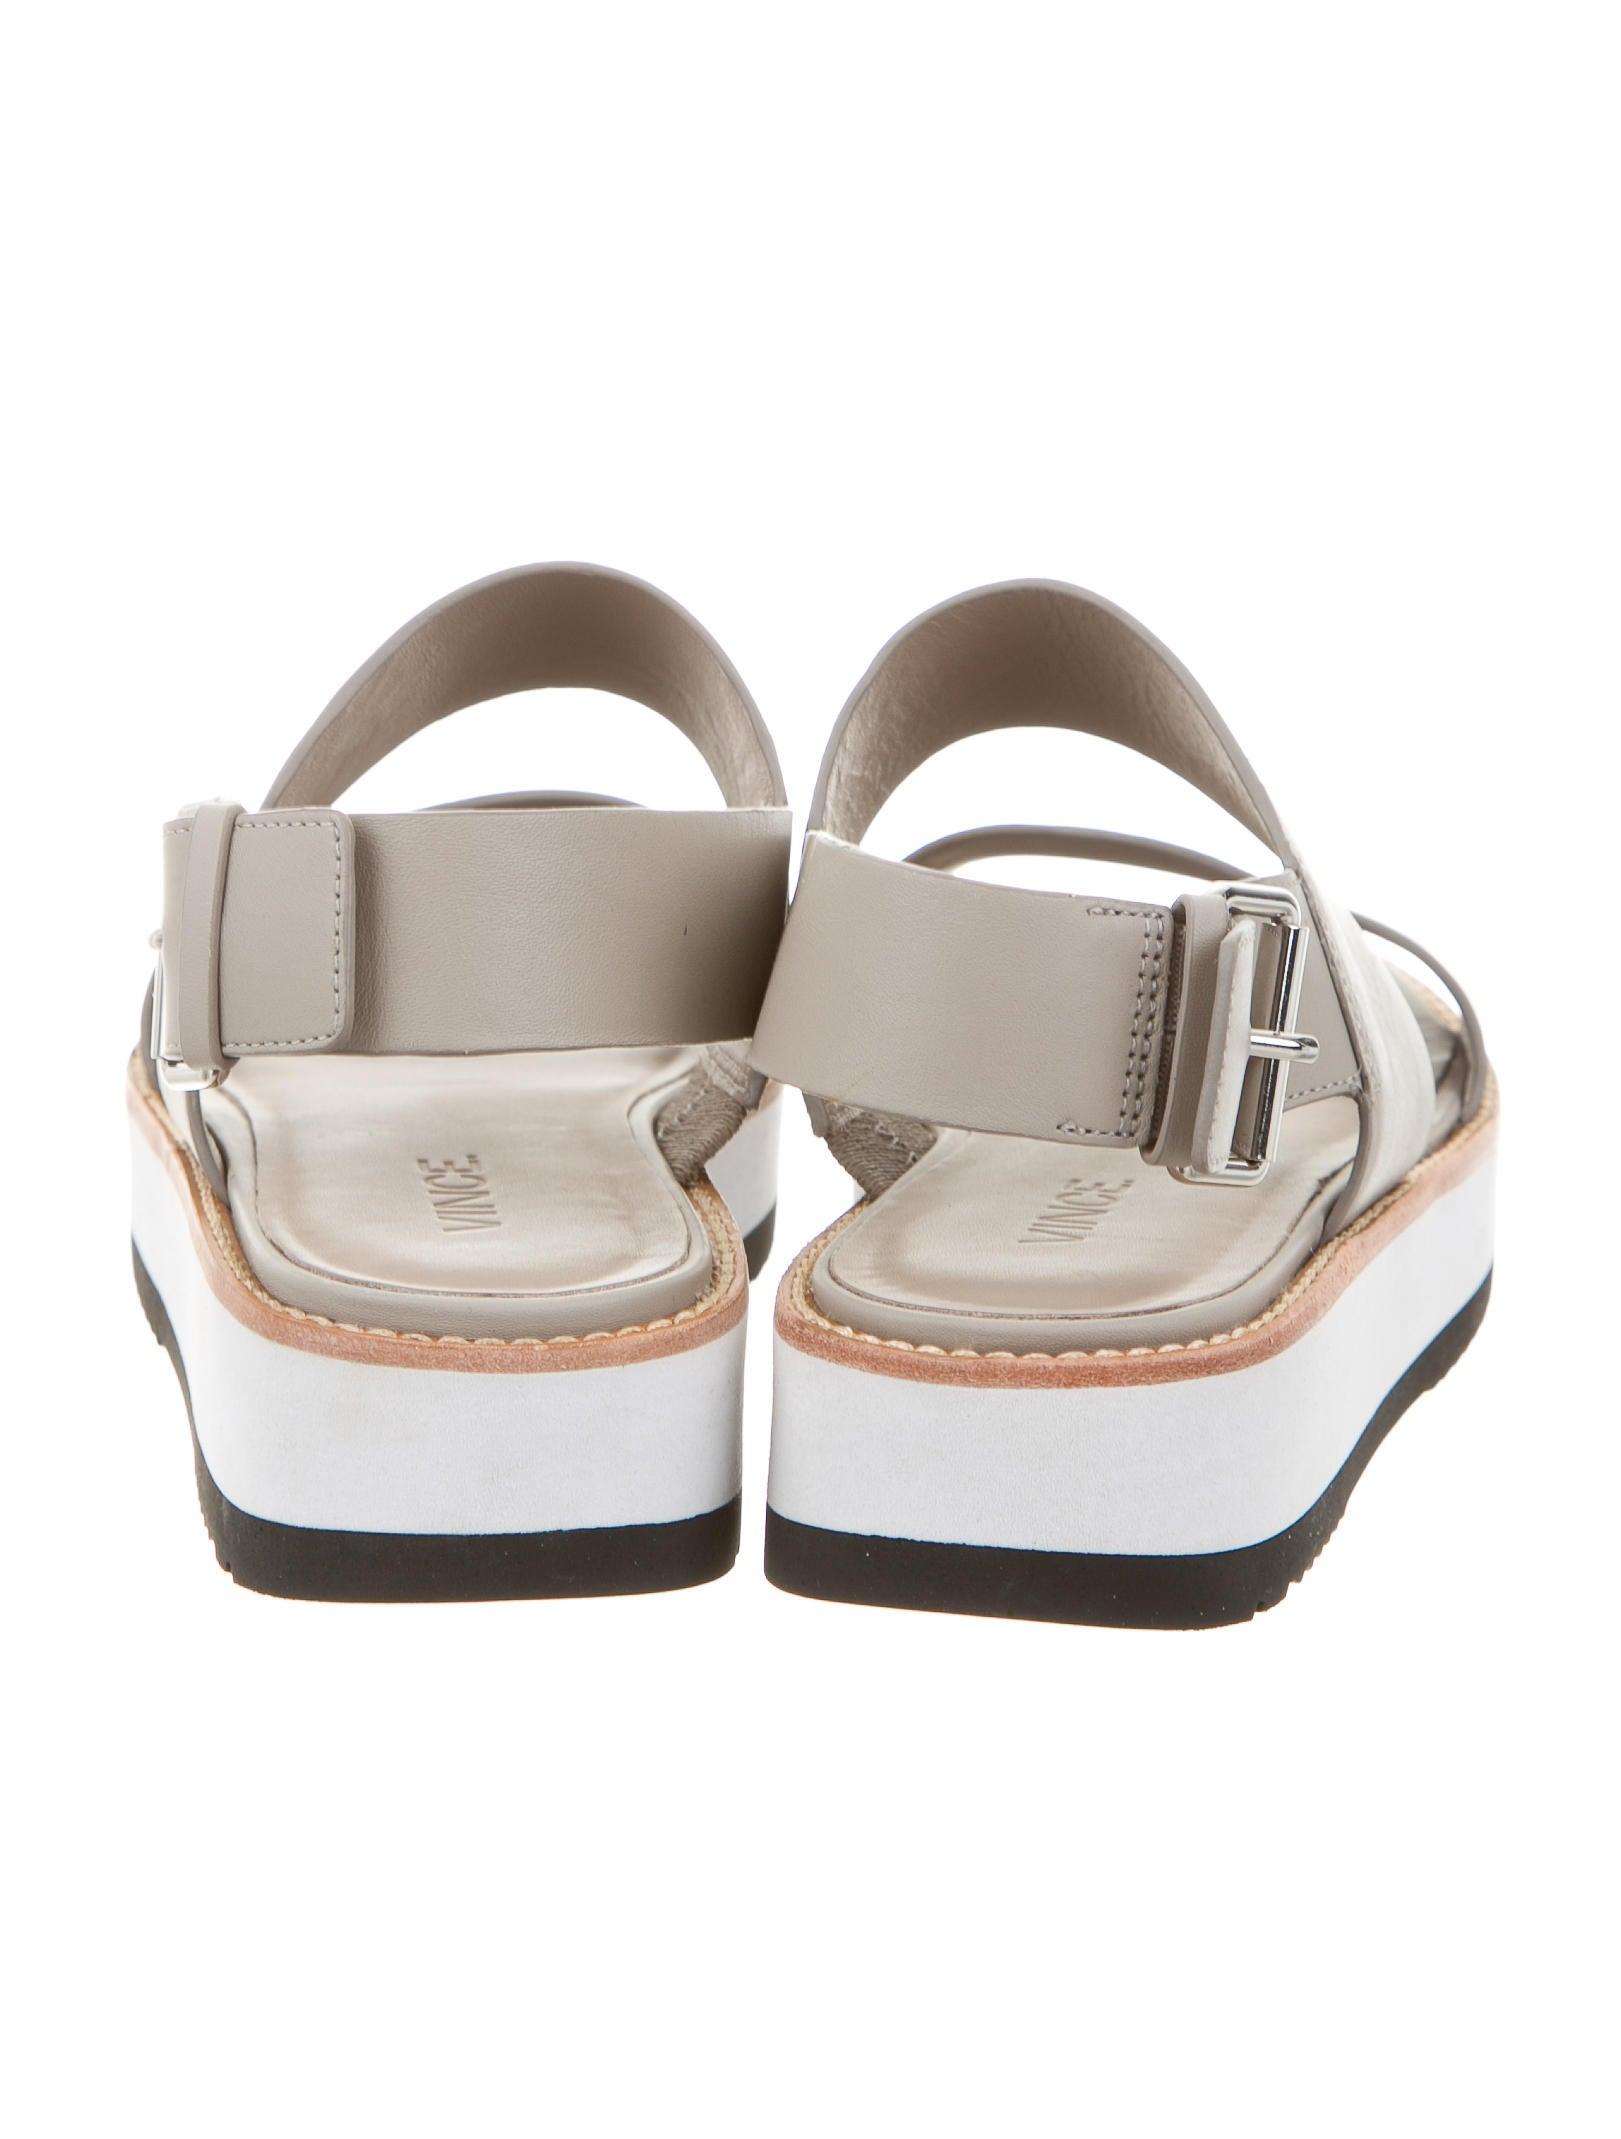 Leather Platform Sandals 7